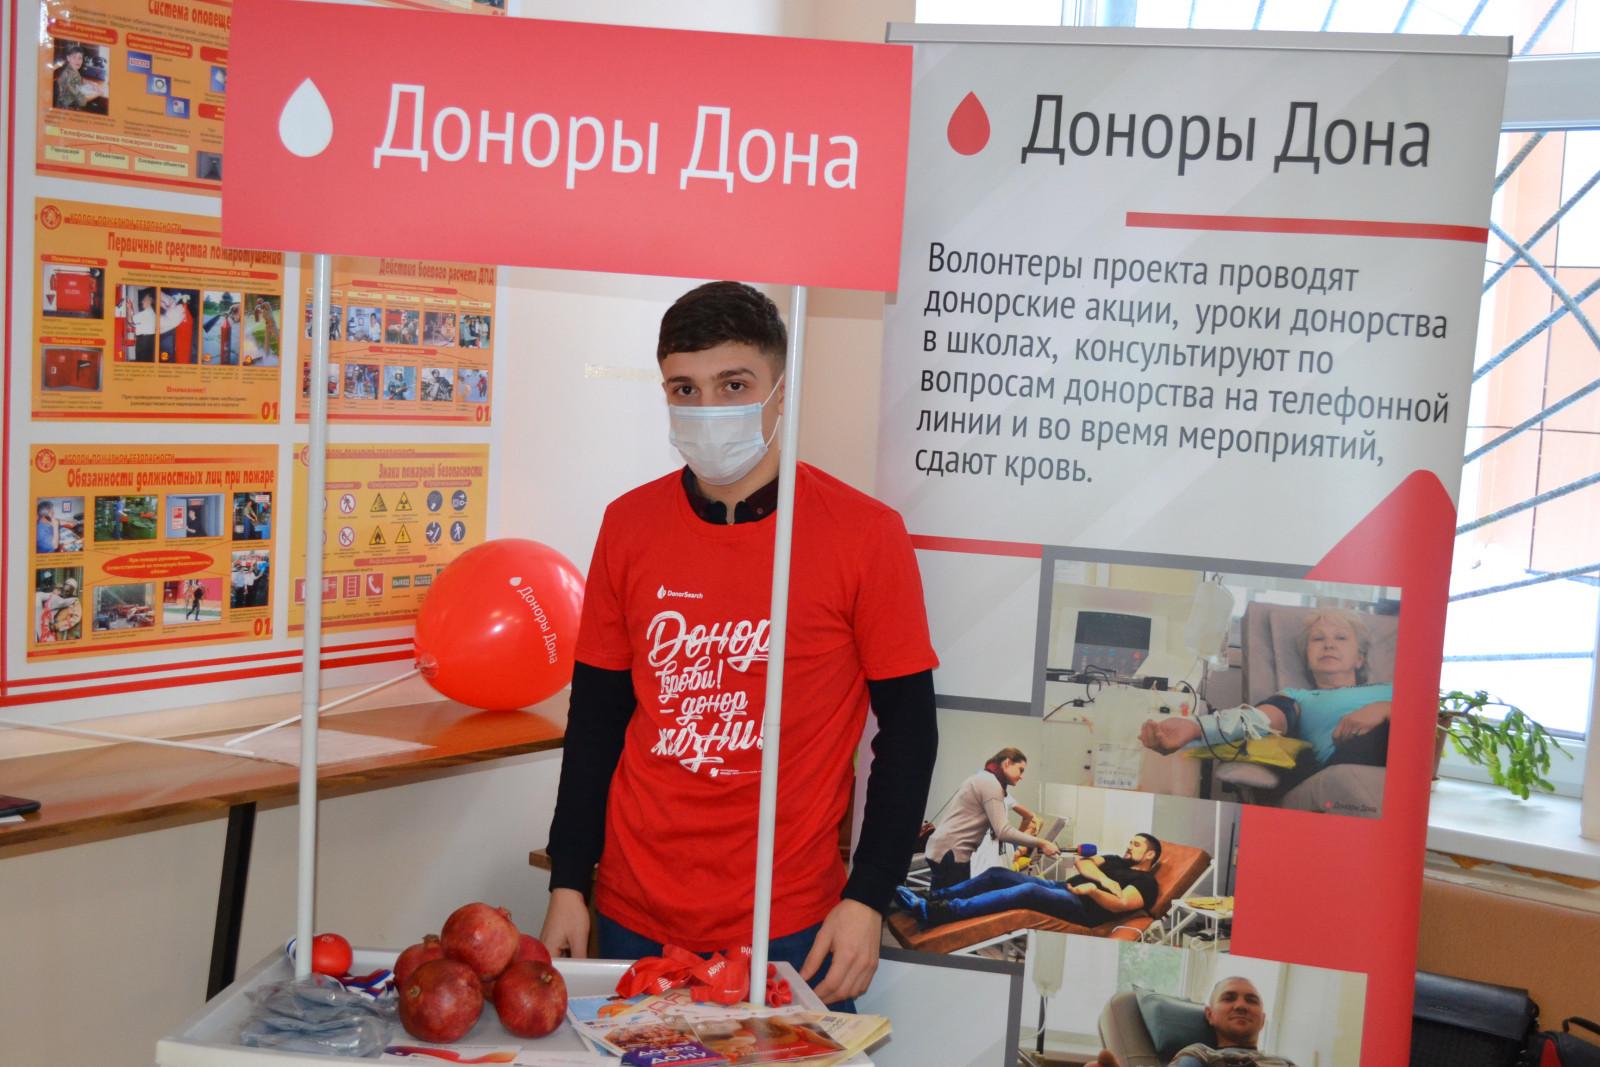 На Дону стартовал молодежный донорский марафон